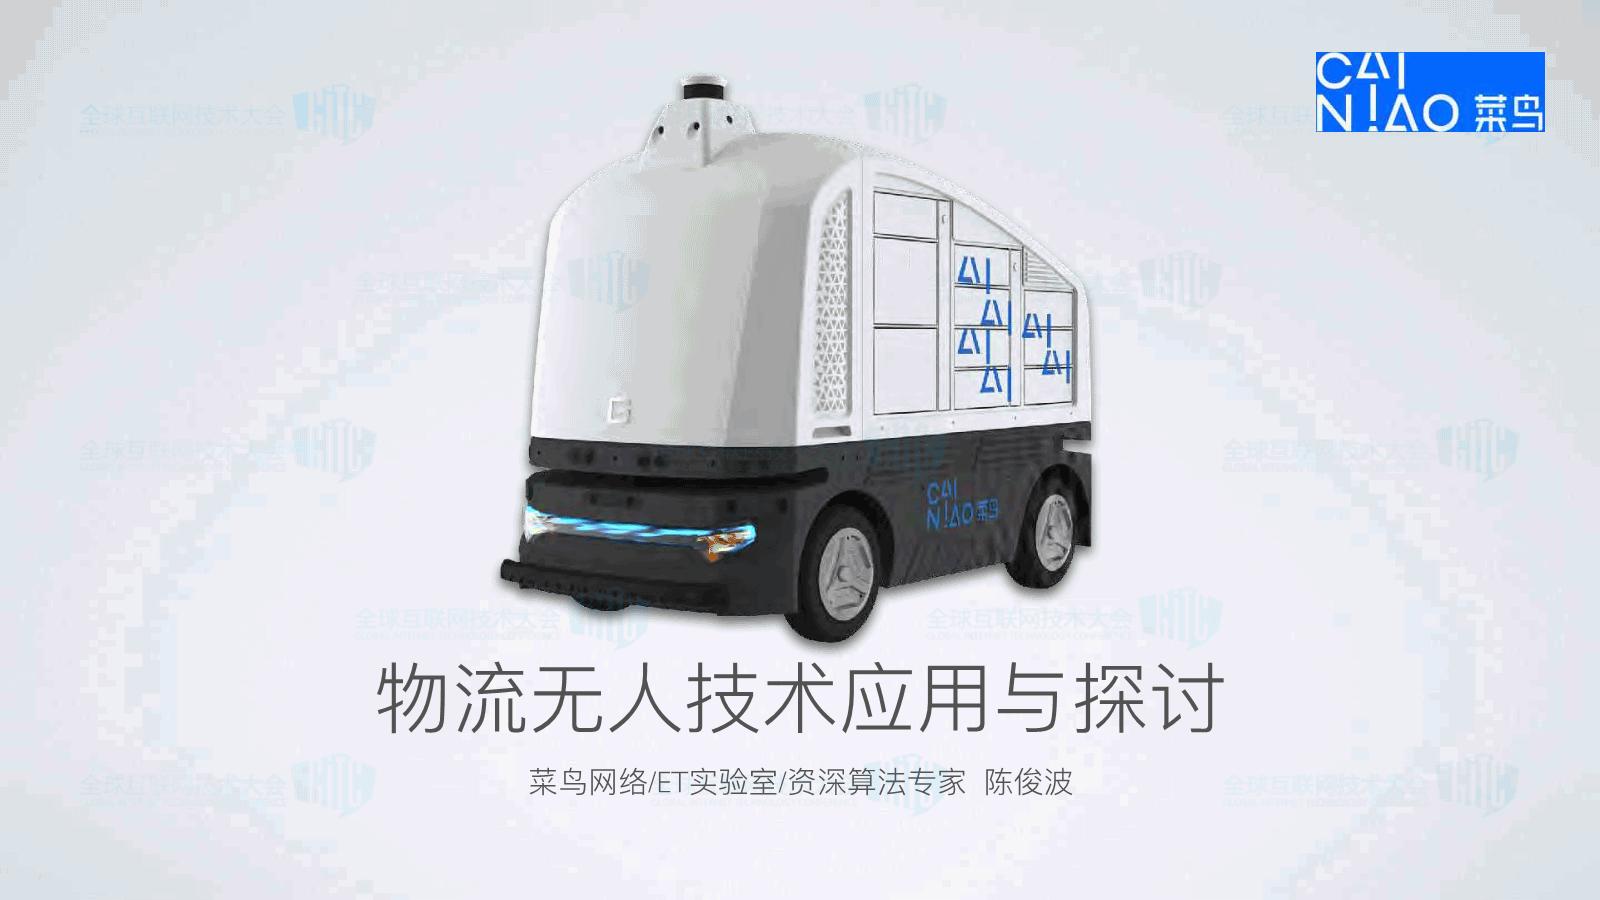 陈俊波-物流无人技术应用与探讨